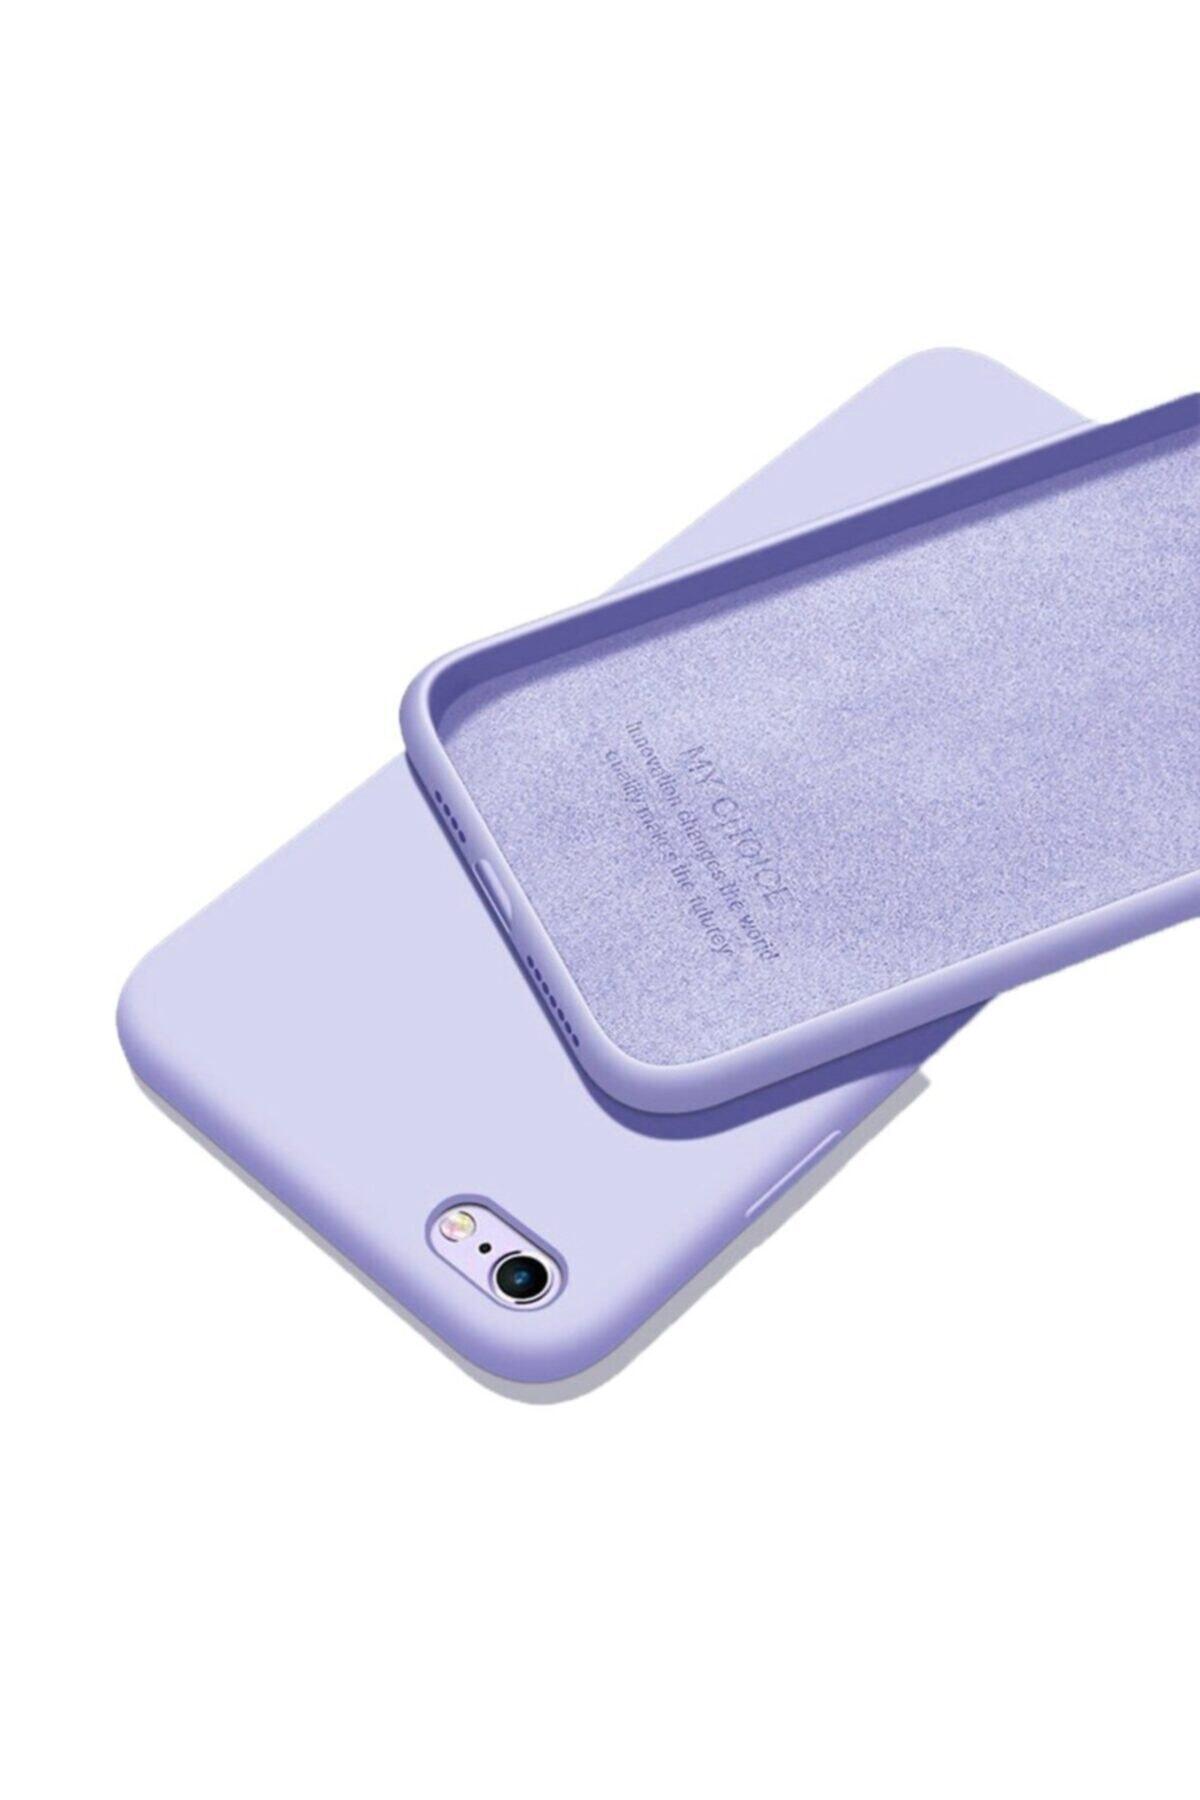 Mopal Mor Iphone 6 6s Uyumlu İçi Kadife Lansman Silikon Kılıf 1